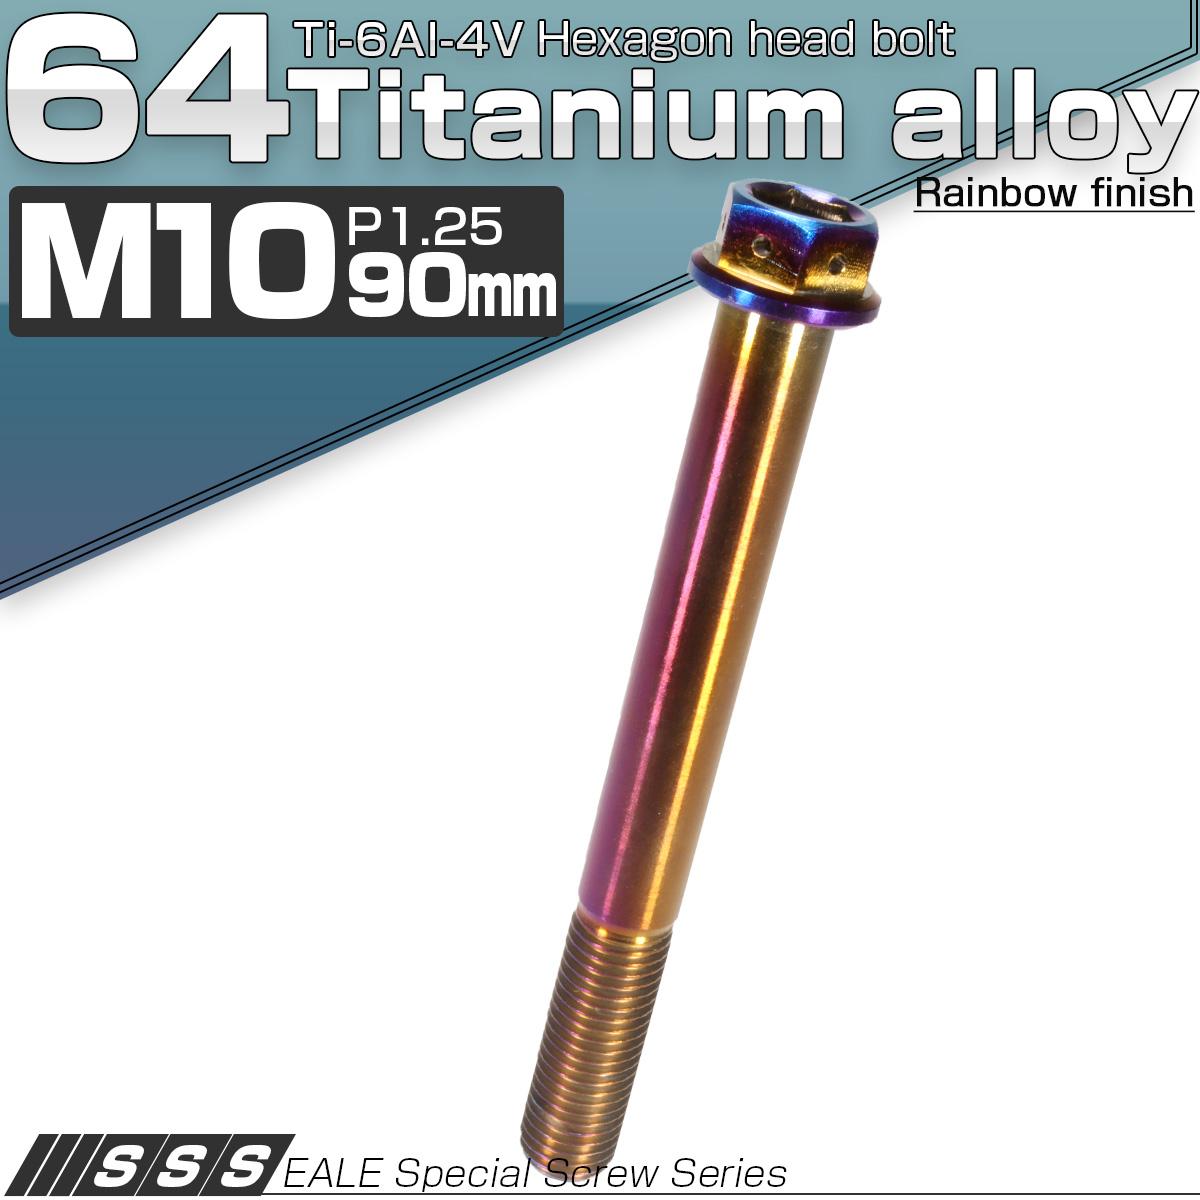 64チタン M10×90mm P1.25 デザイン六角ボルト 六角穴付きボルト フランジ付き 焼きチタン風 Ti6Al-4V JA559